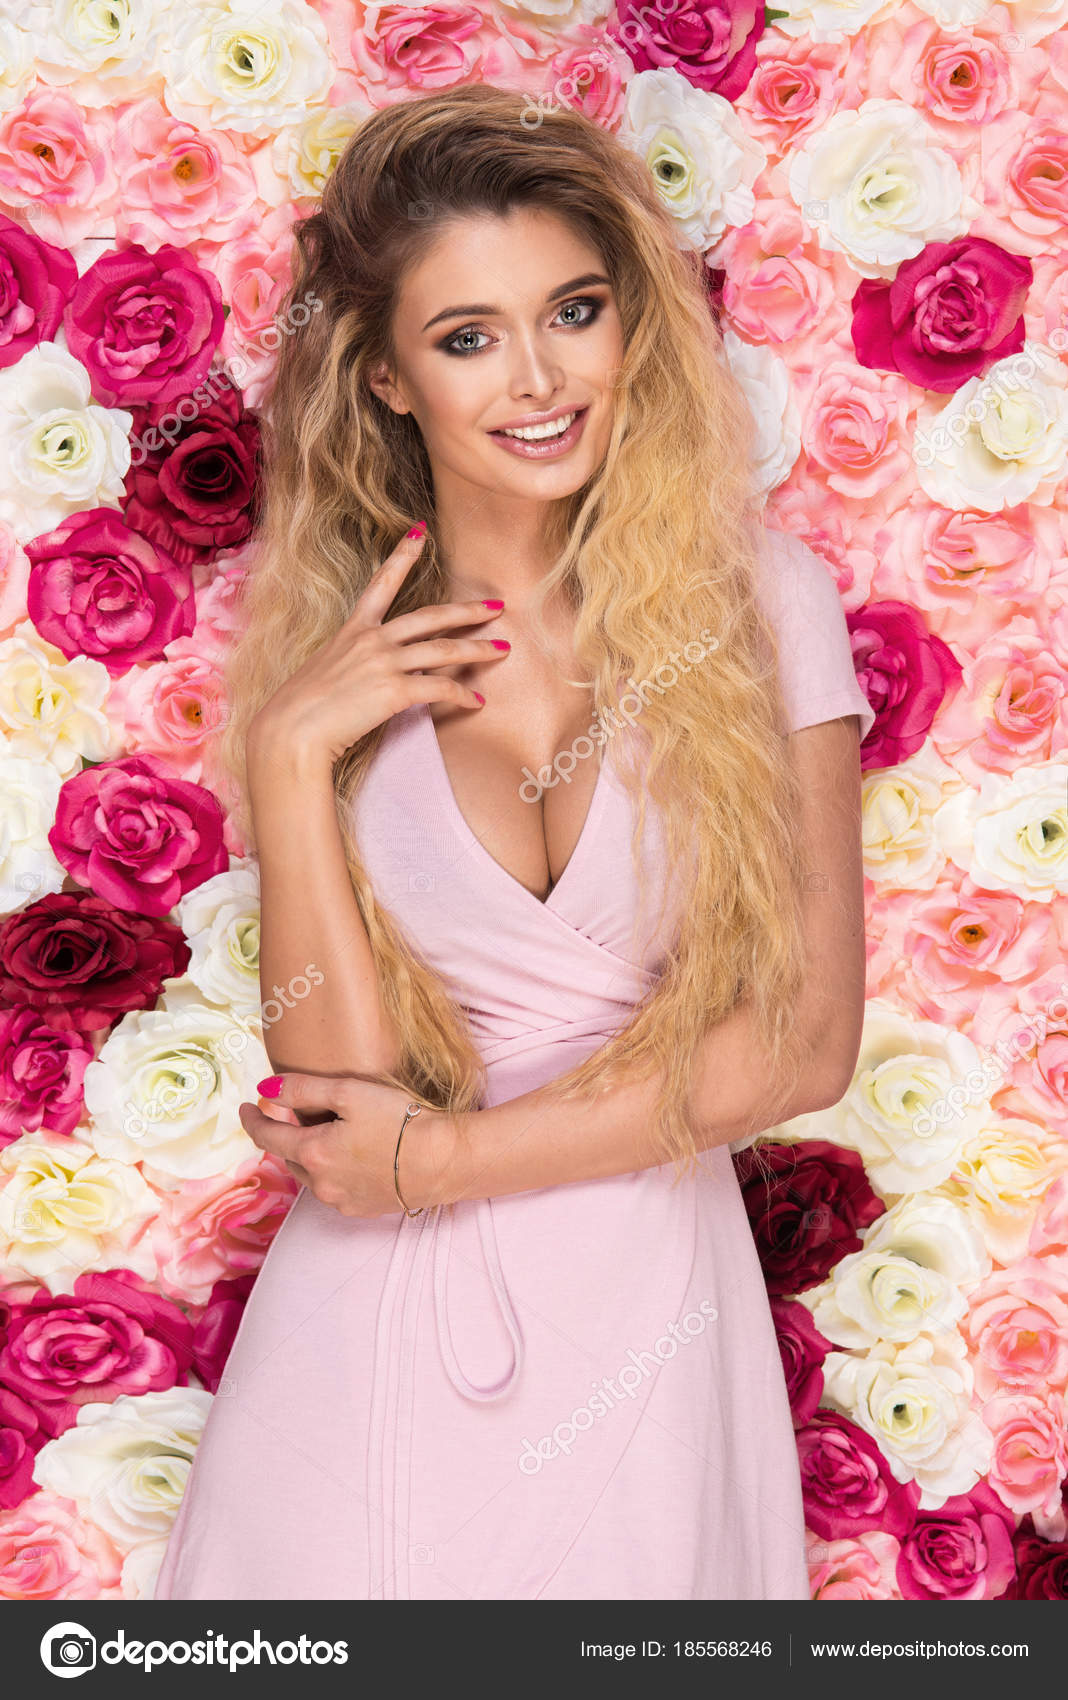 Ебля, блондинка в розовом платье